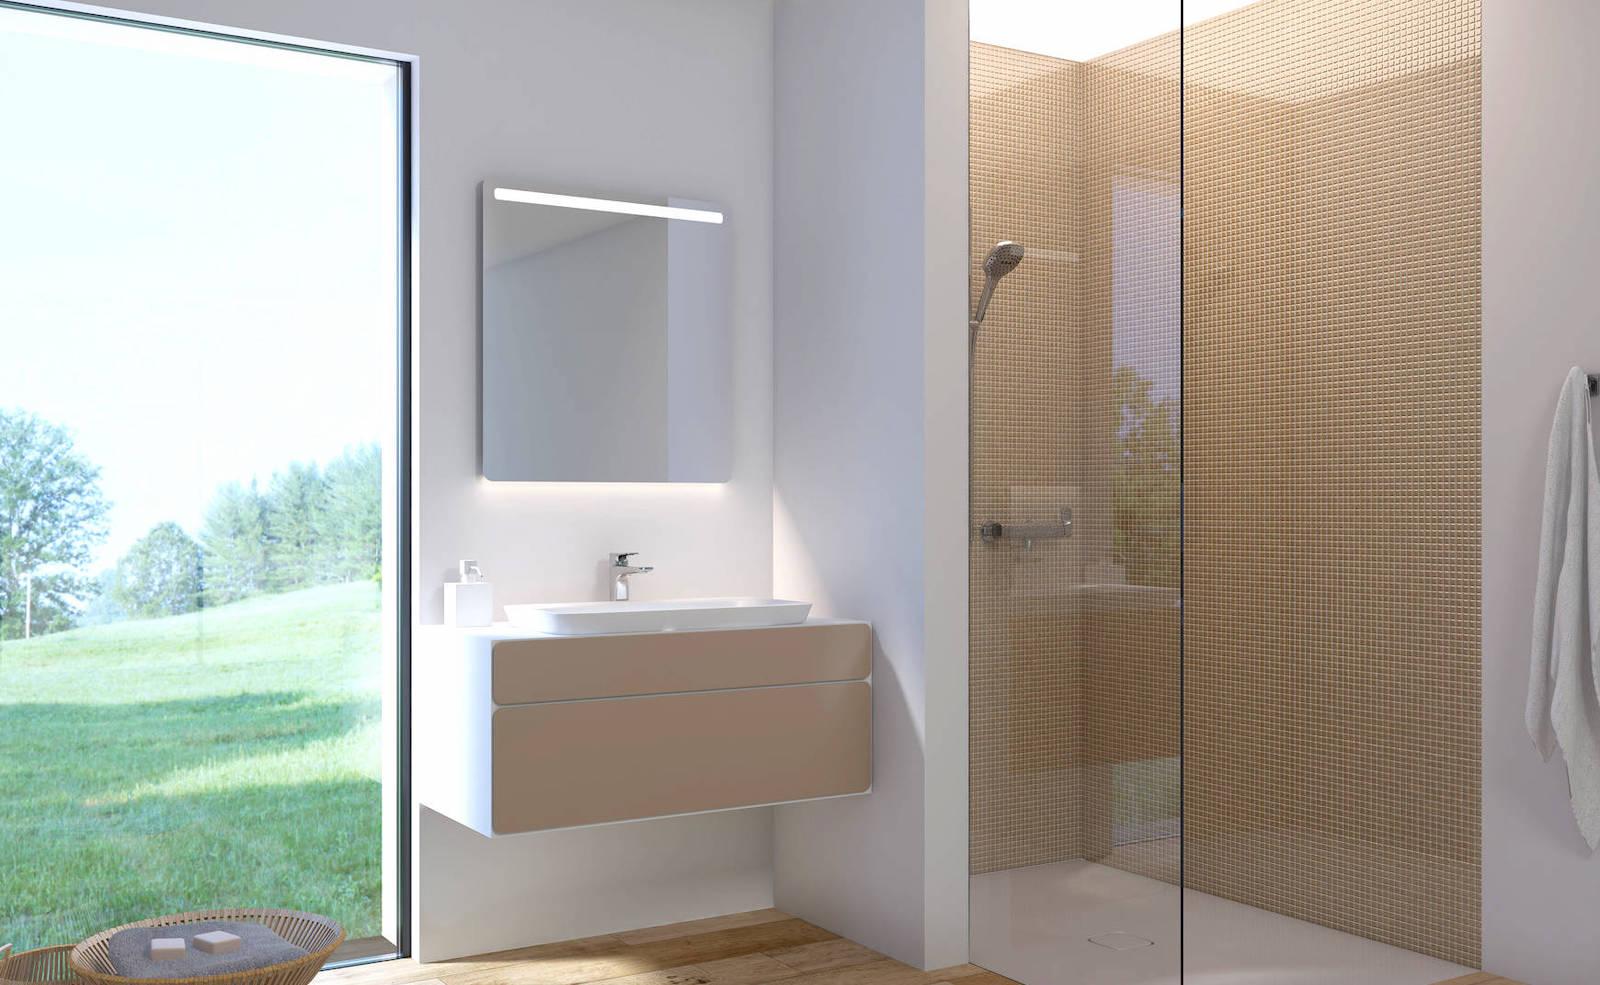 Wie teuer ist eine begehbare Dusche – Badratgeber.com